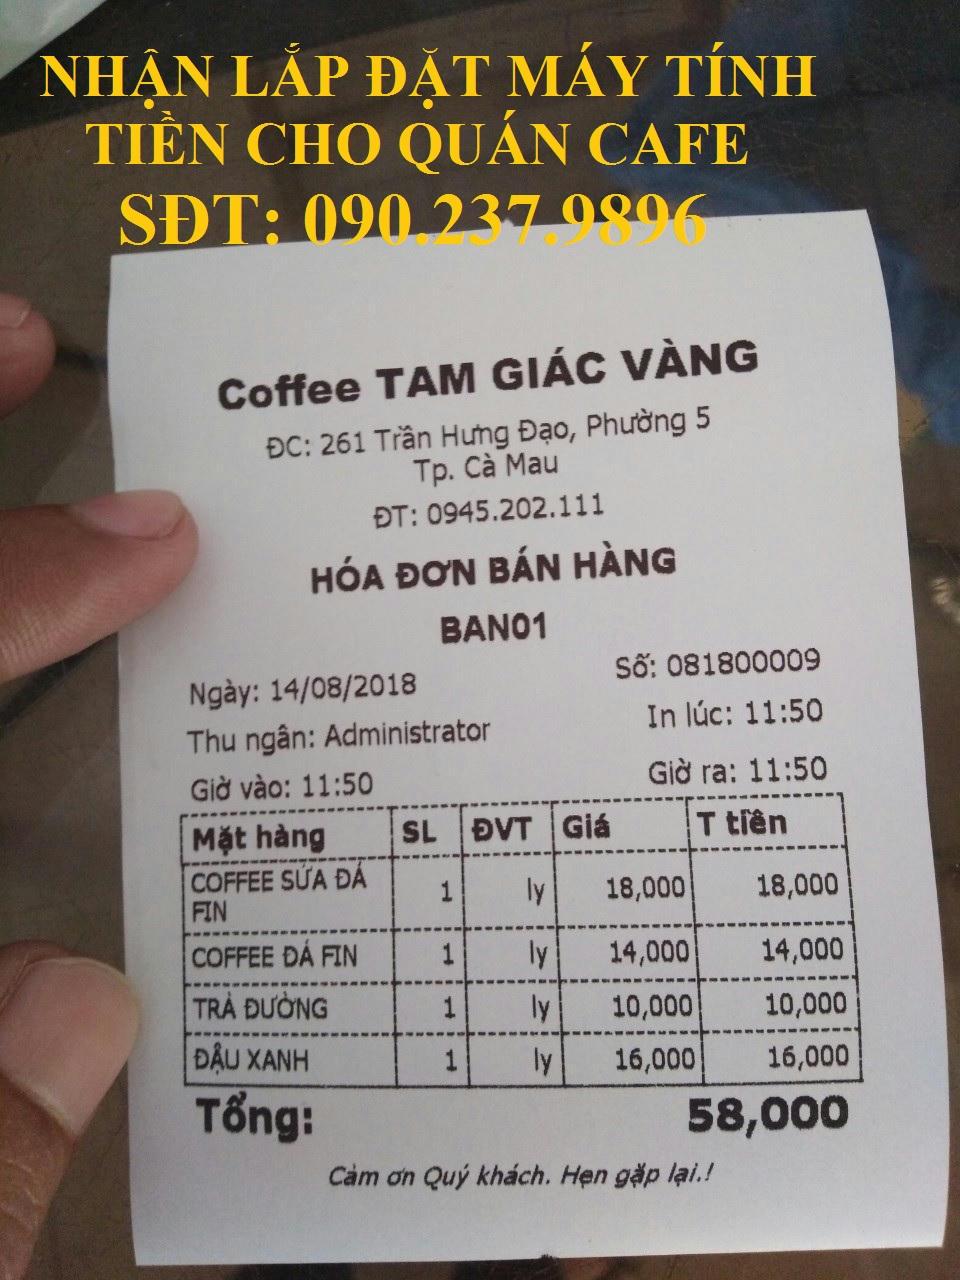 Bán máy tính tiền cho quán cafe giá rẻ tại Củ Chi